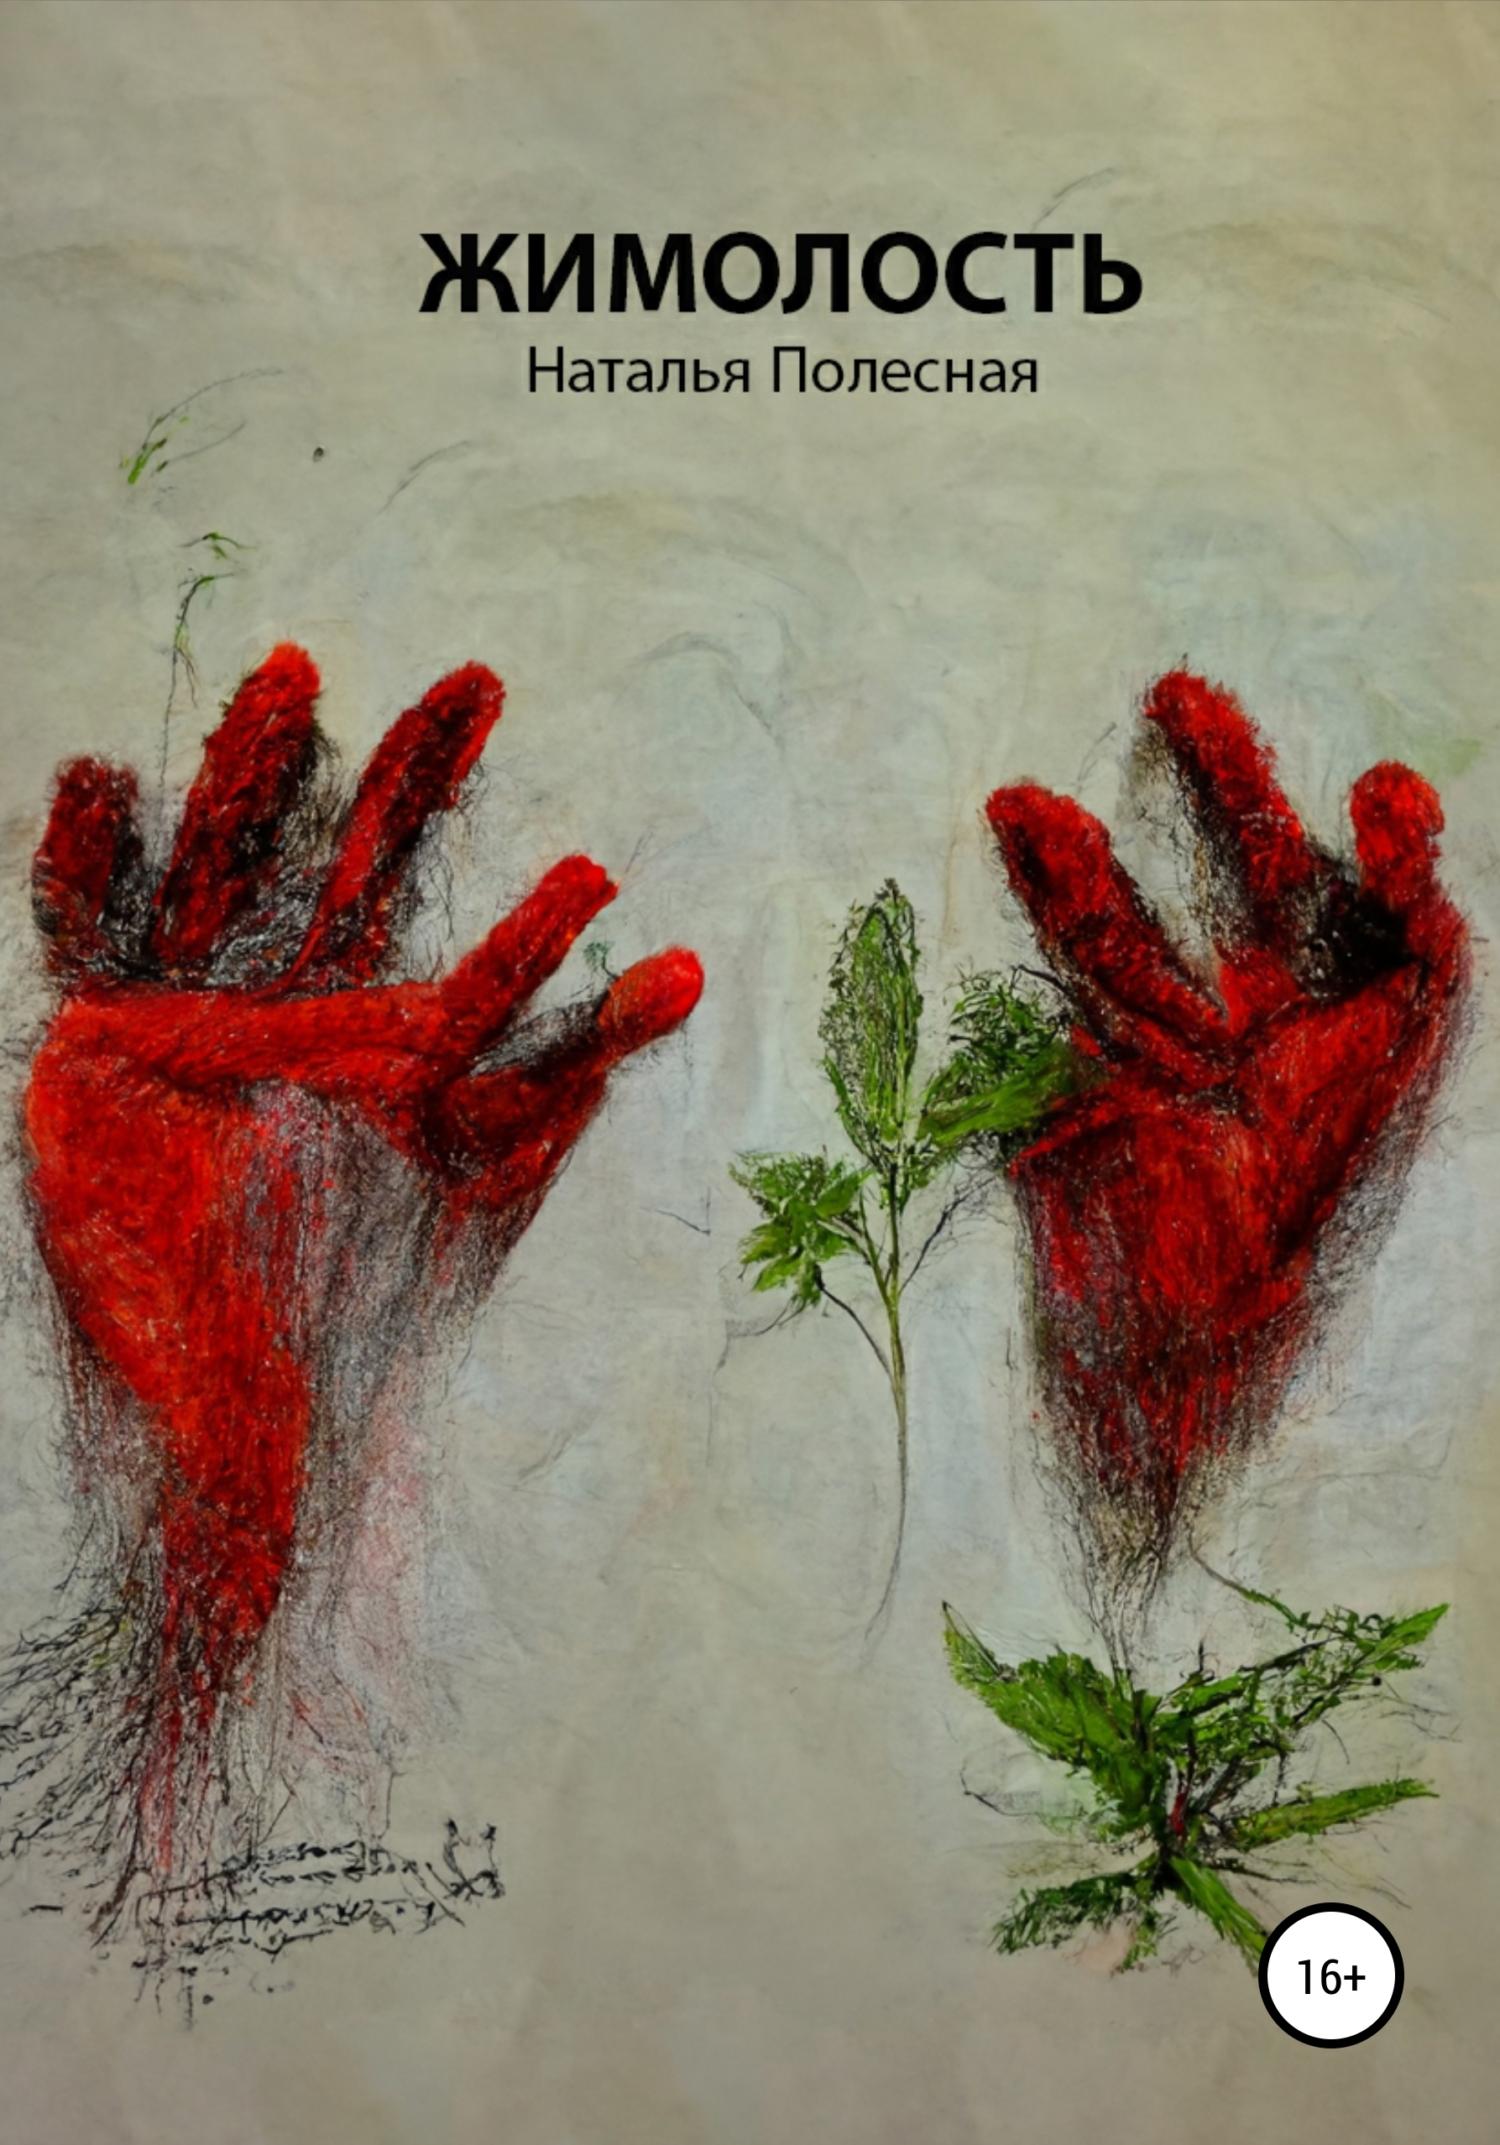 Наталья Полесная Пьеса «Жимолость» наталья рудой мать